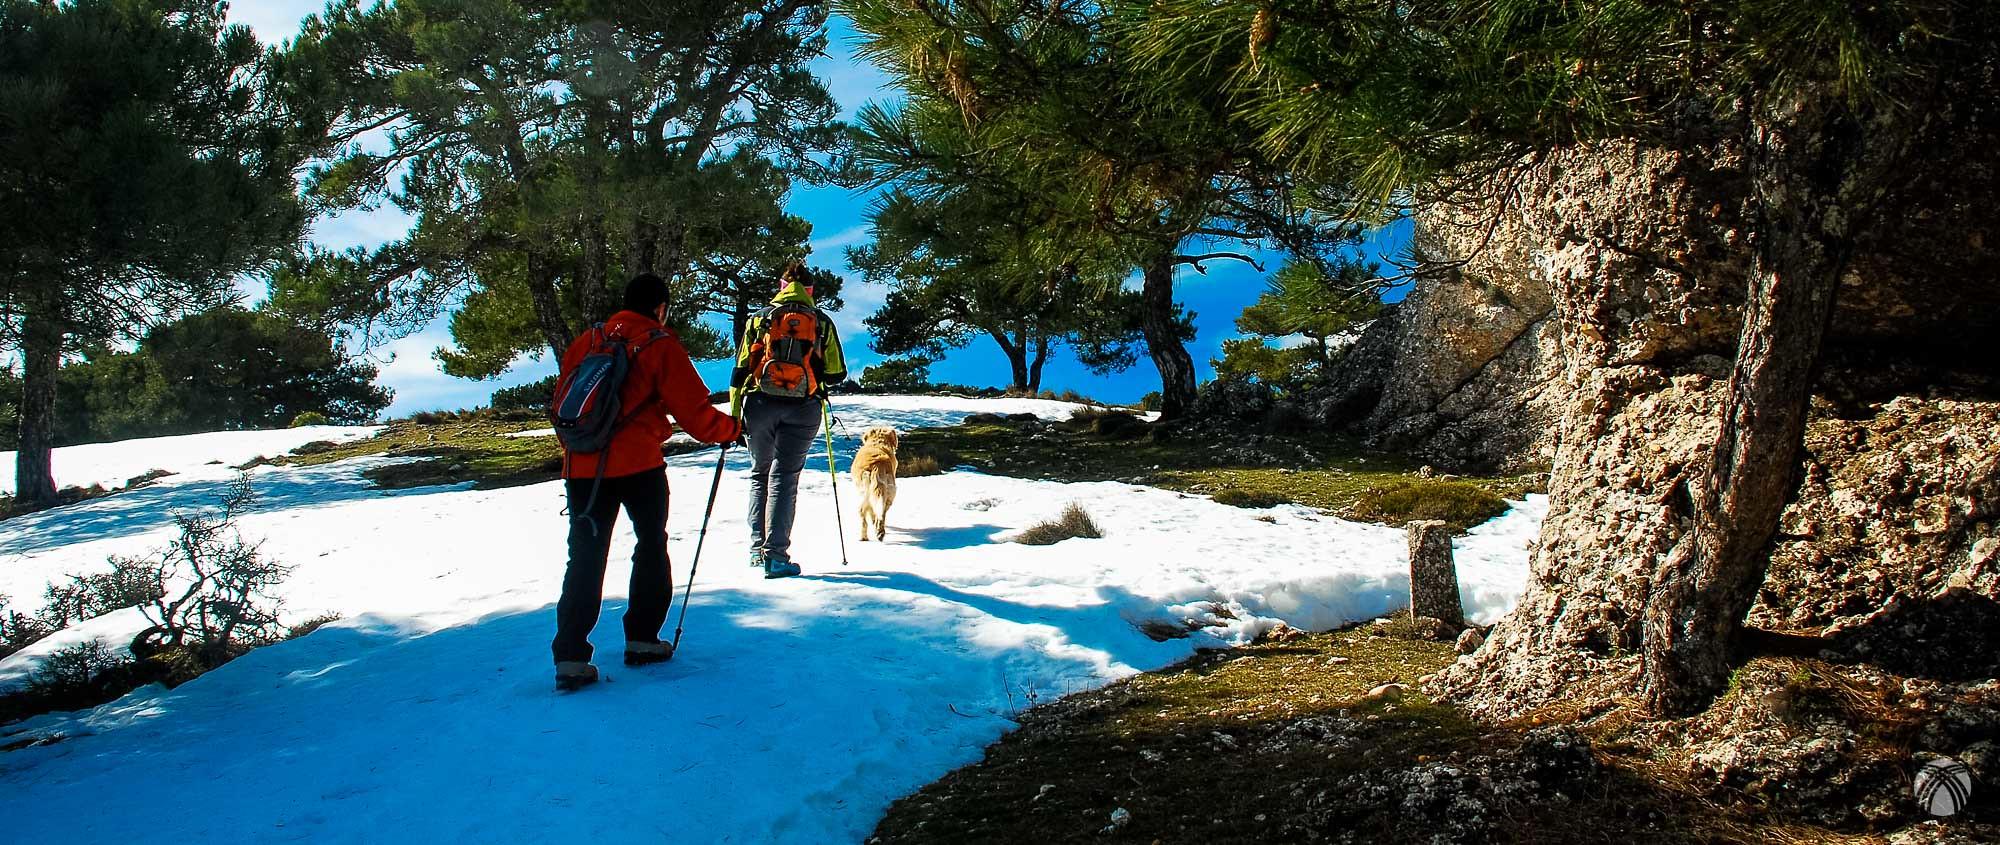 En la zona de cumbres. Puede apreciarse lo dura que está la nieve